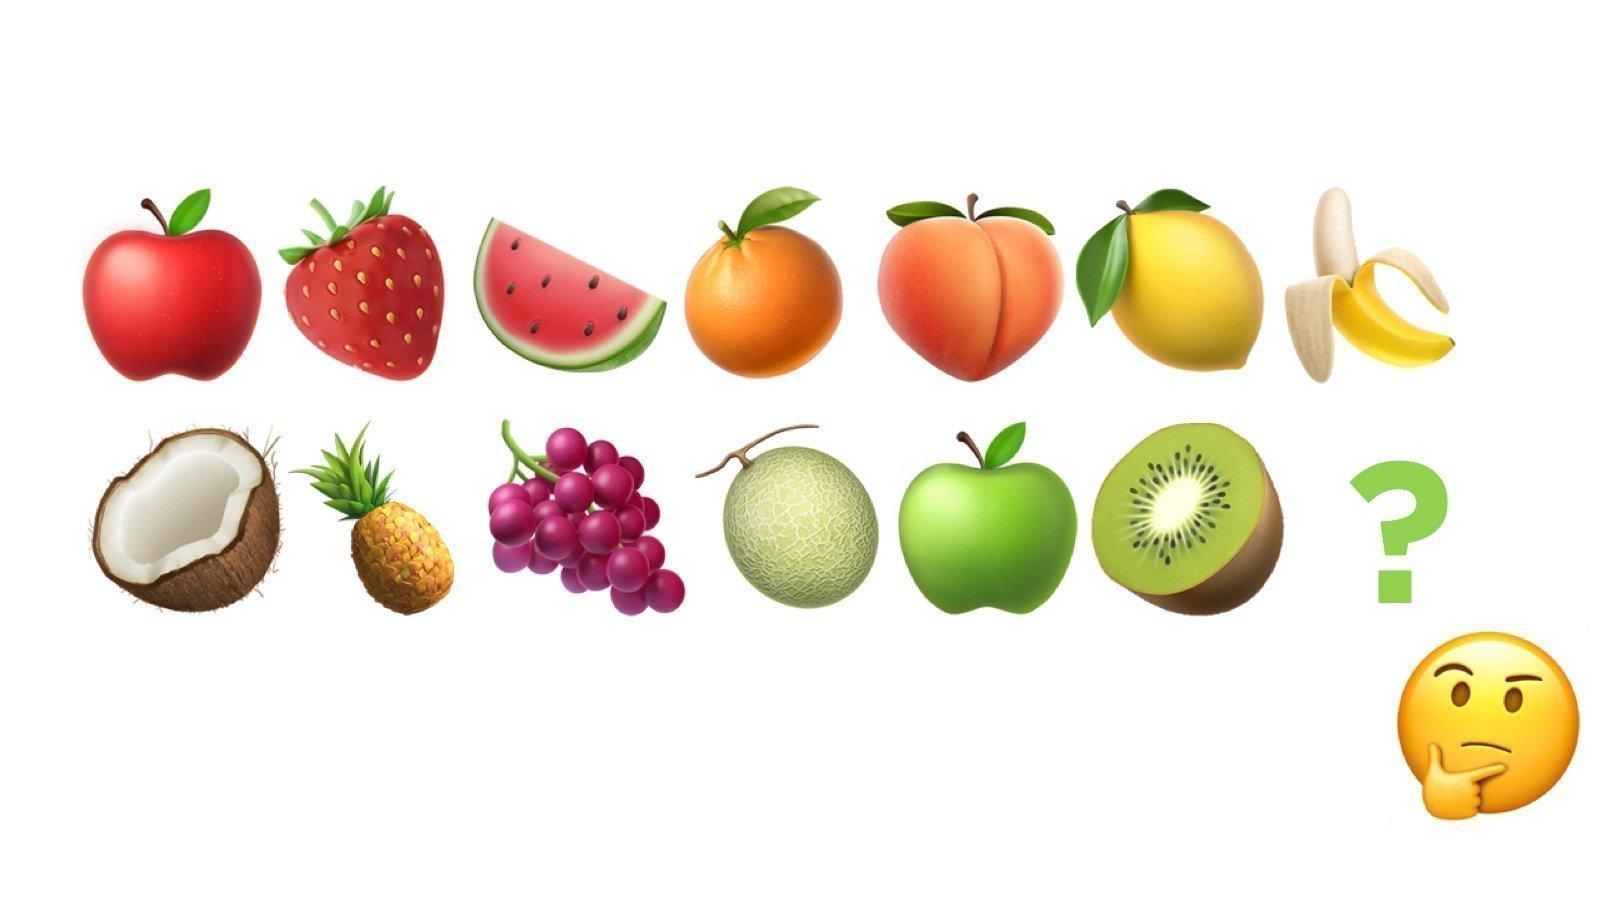 Красивые картинки эмоджи фруктов